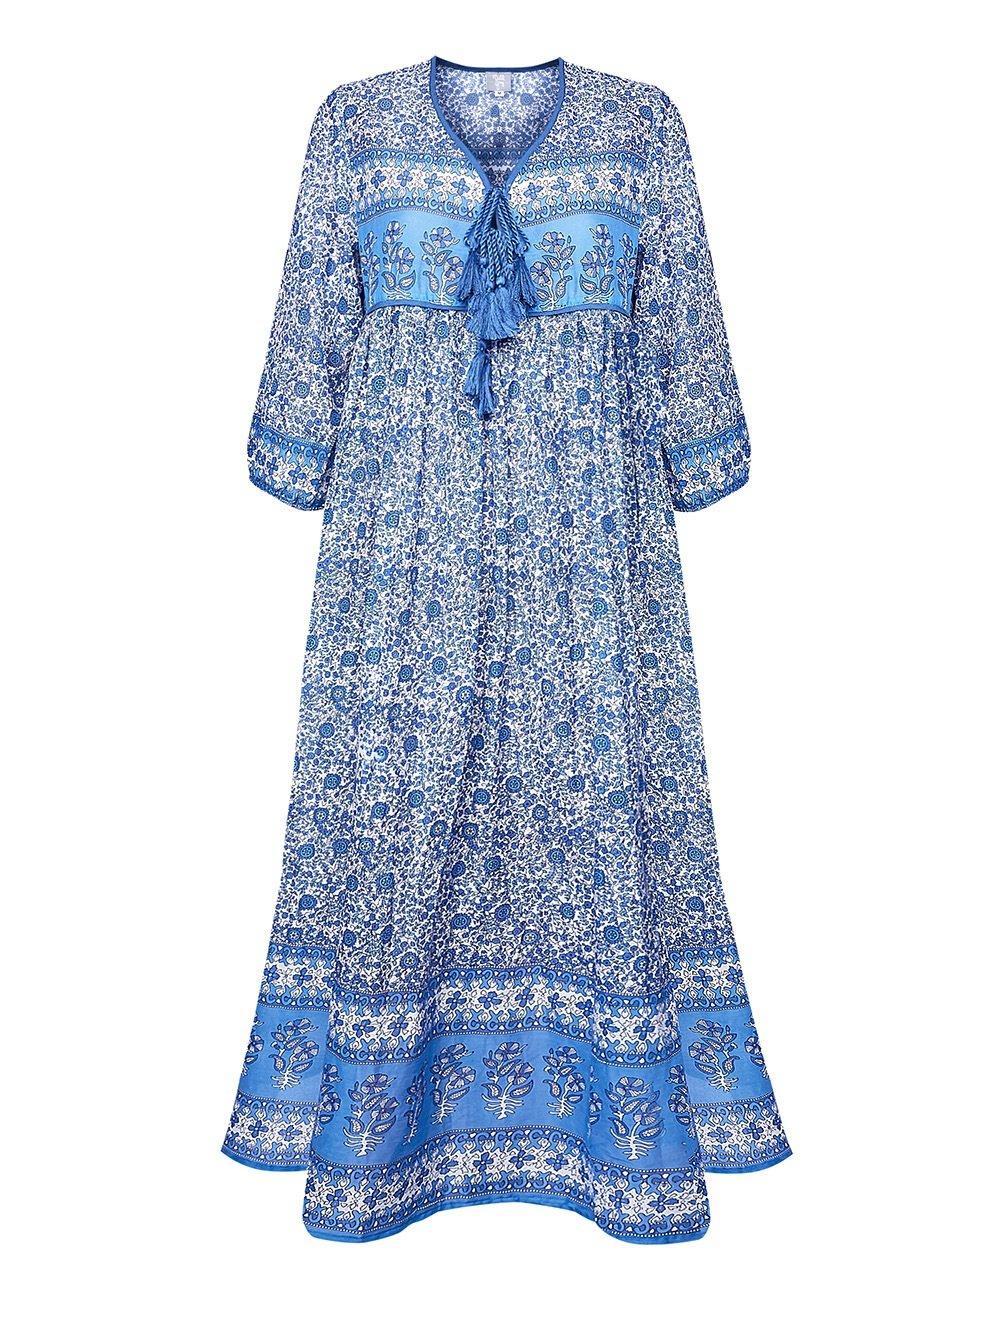 Dillie Grey Boho Maxi Dress